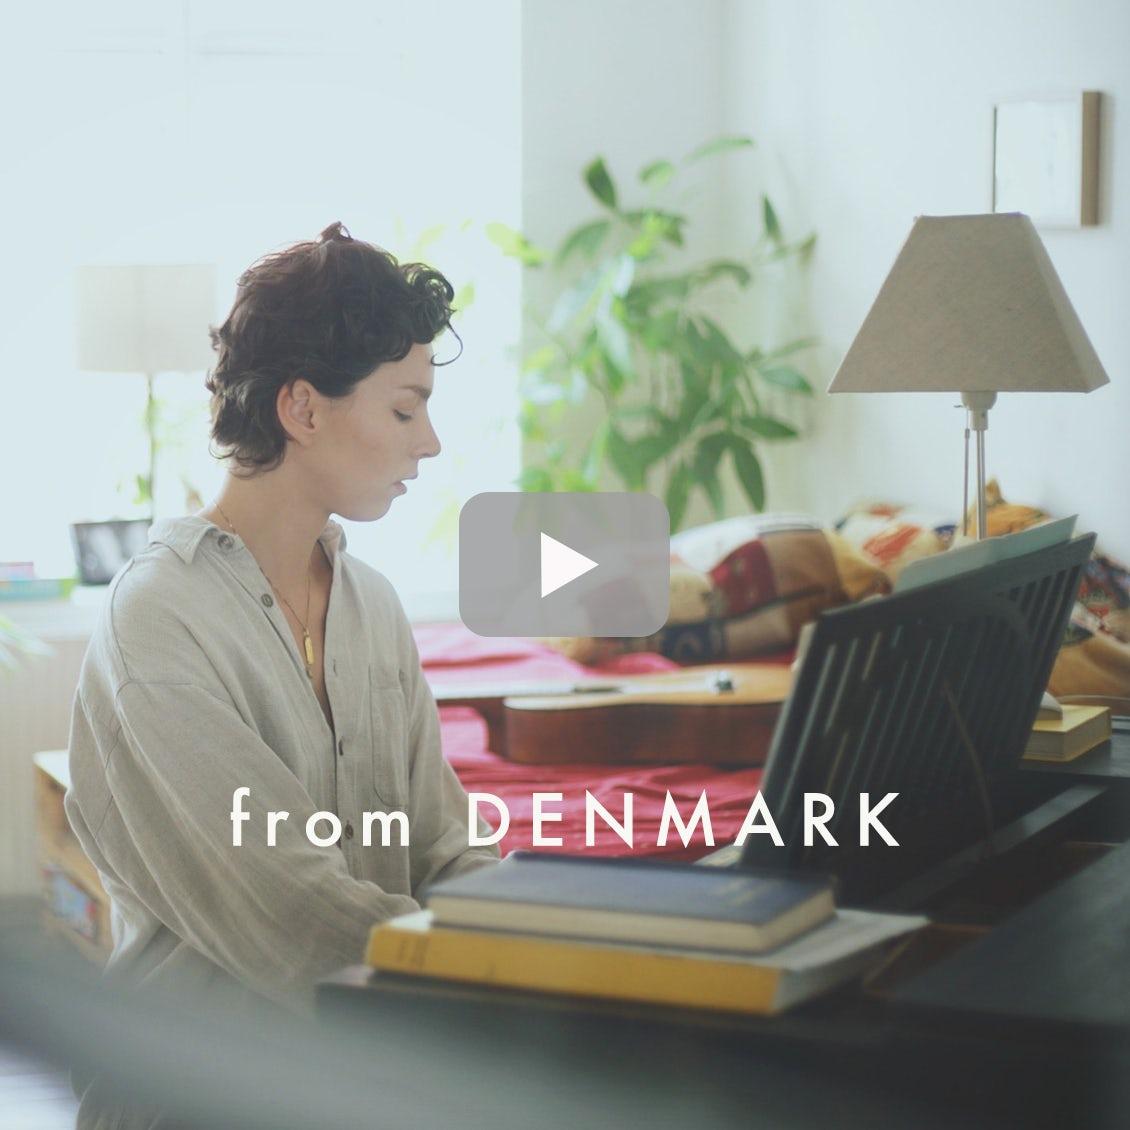 【北欧に暮らすひと】第4弾 前編:「朝はのんびり派」コペンハーゲン在住、音楽家ルーさんの朝の過ごしかた